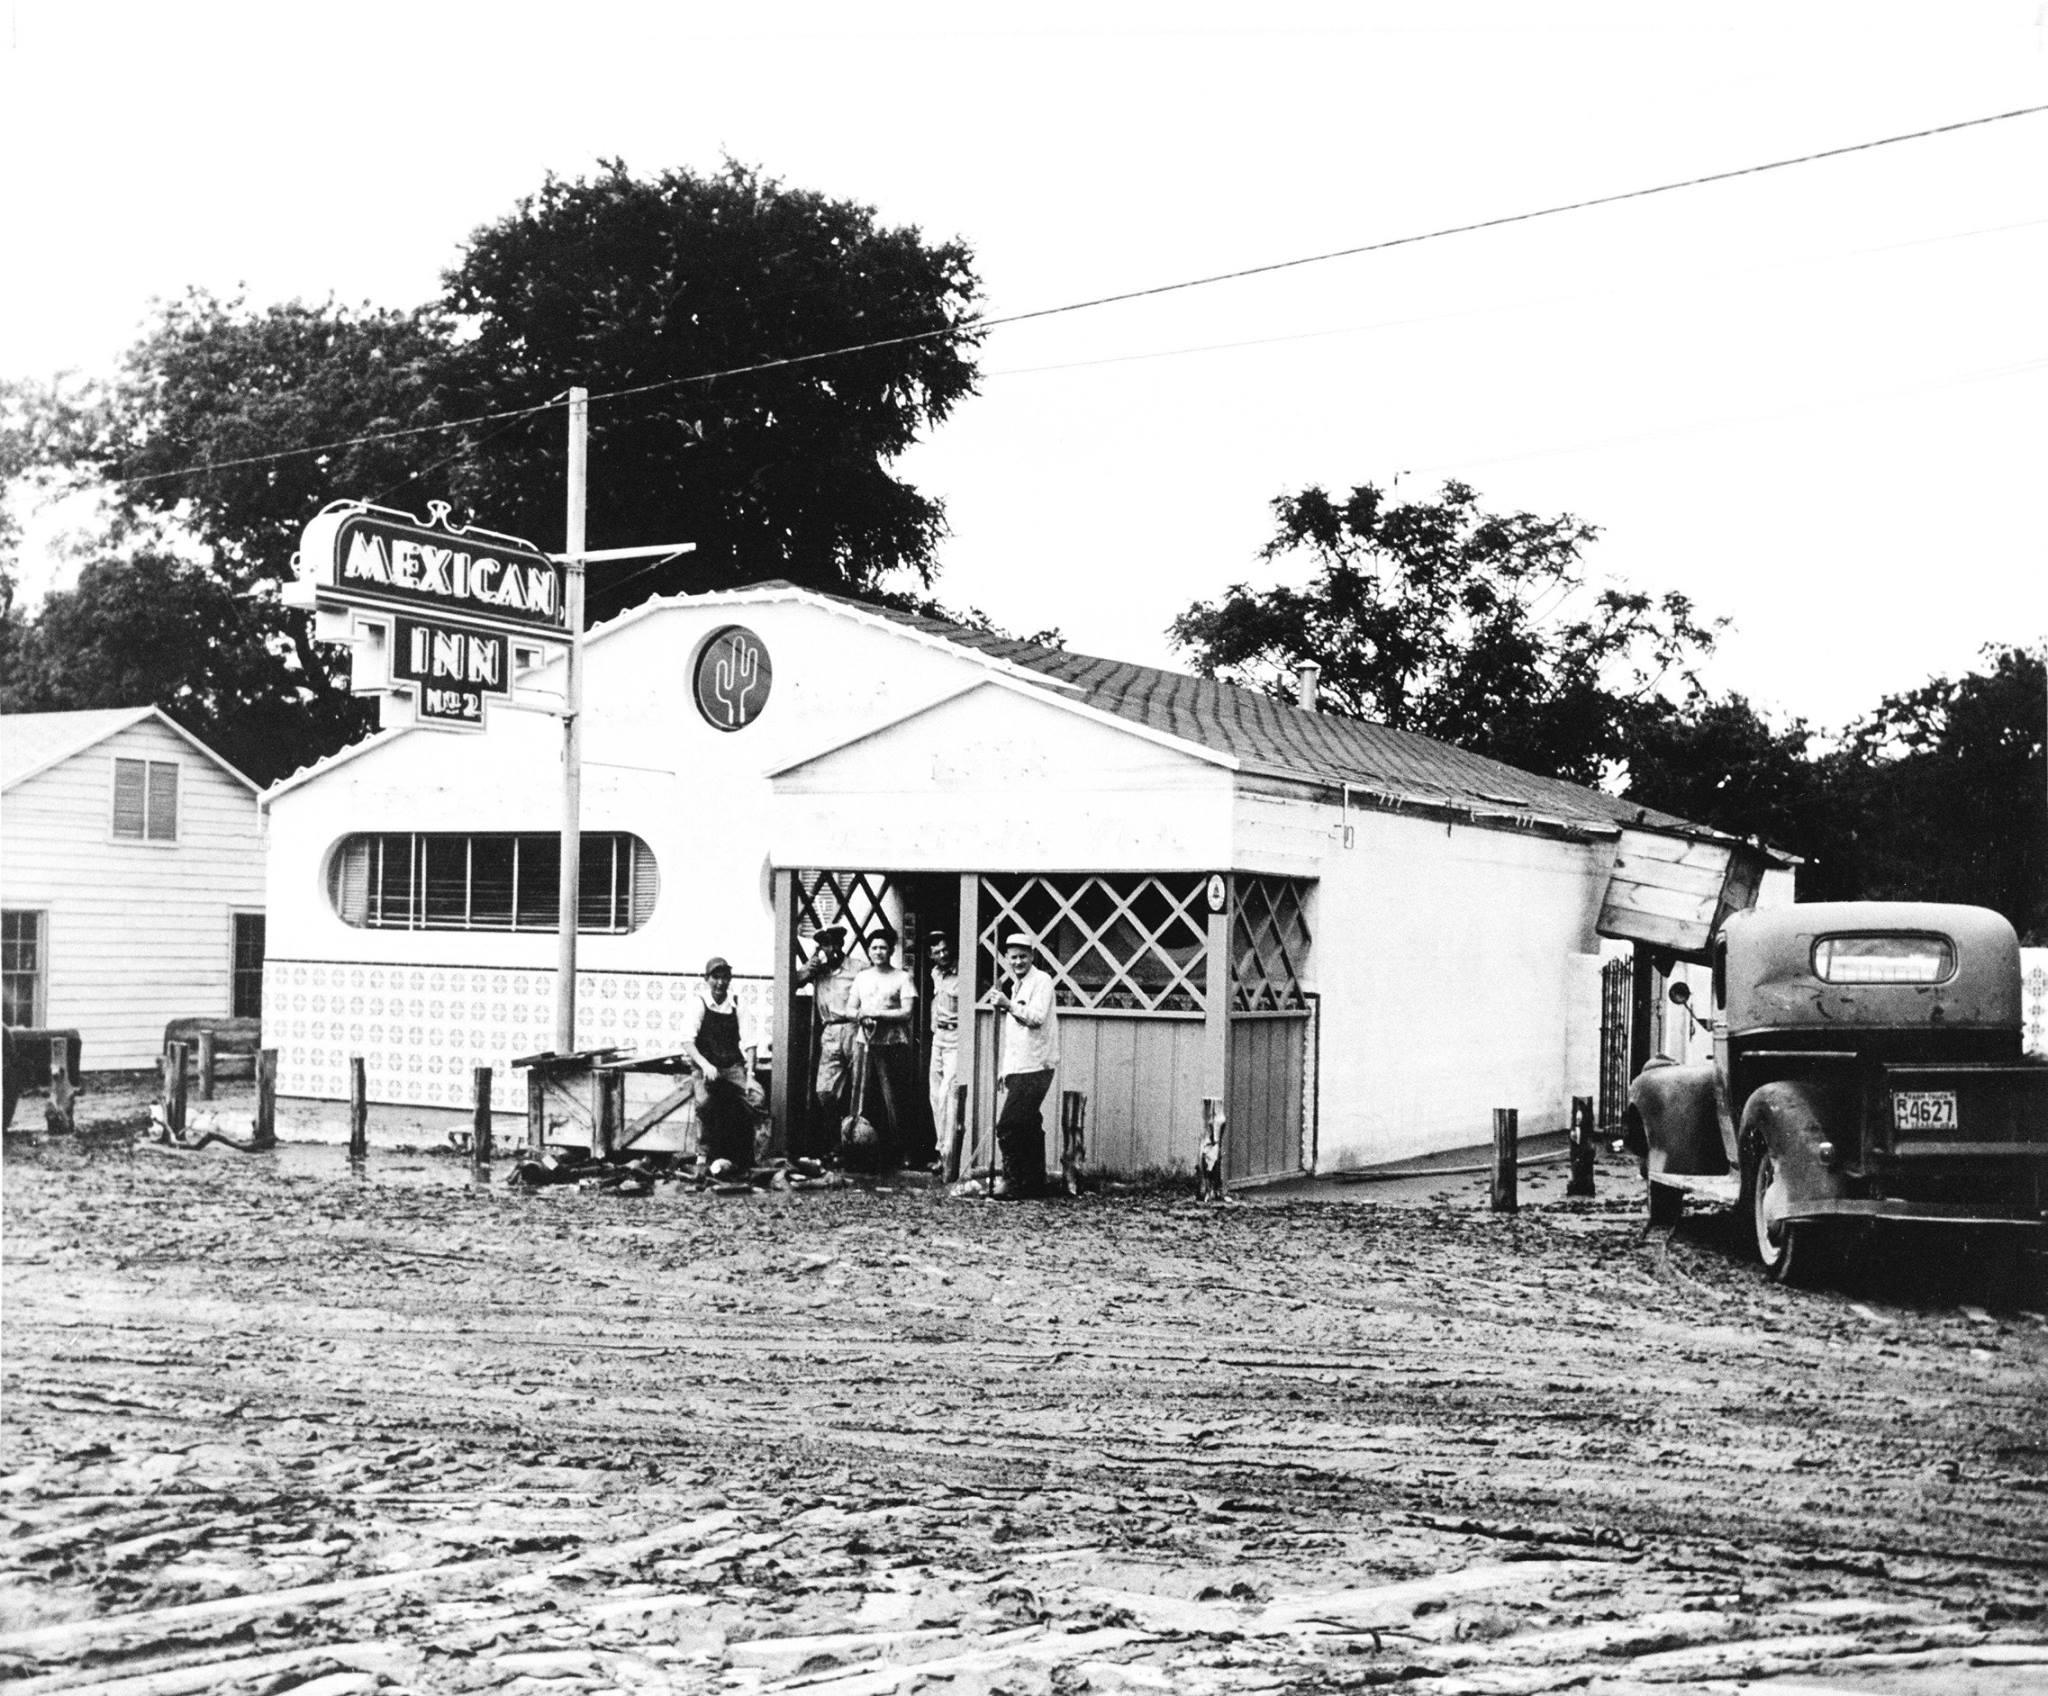 Mexican Inn Cafe - 1 of 43 (3).jpg